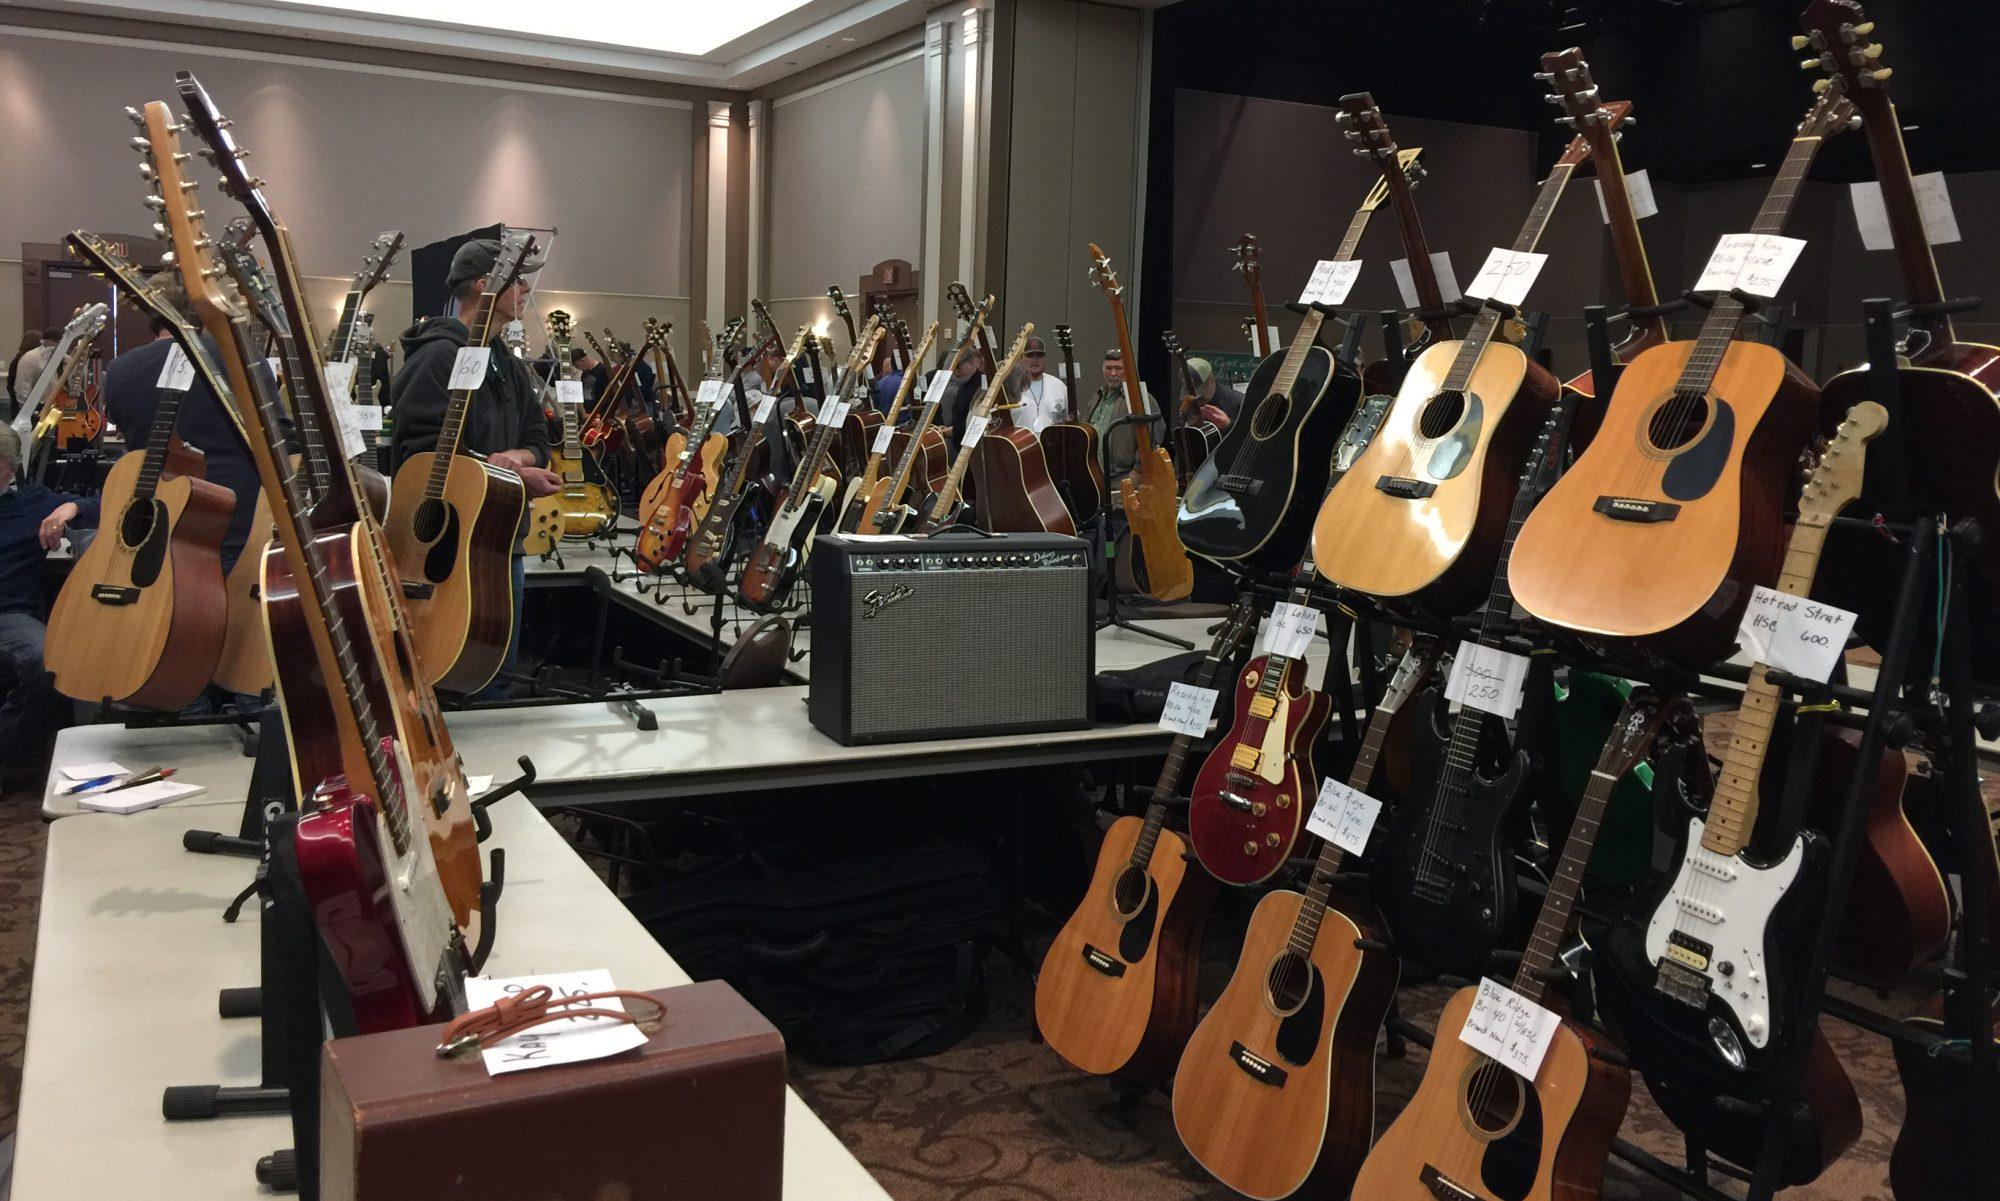 2019 Waxahachie guitar show